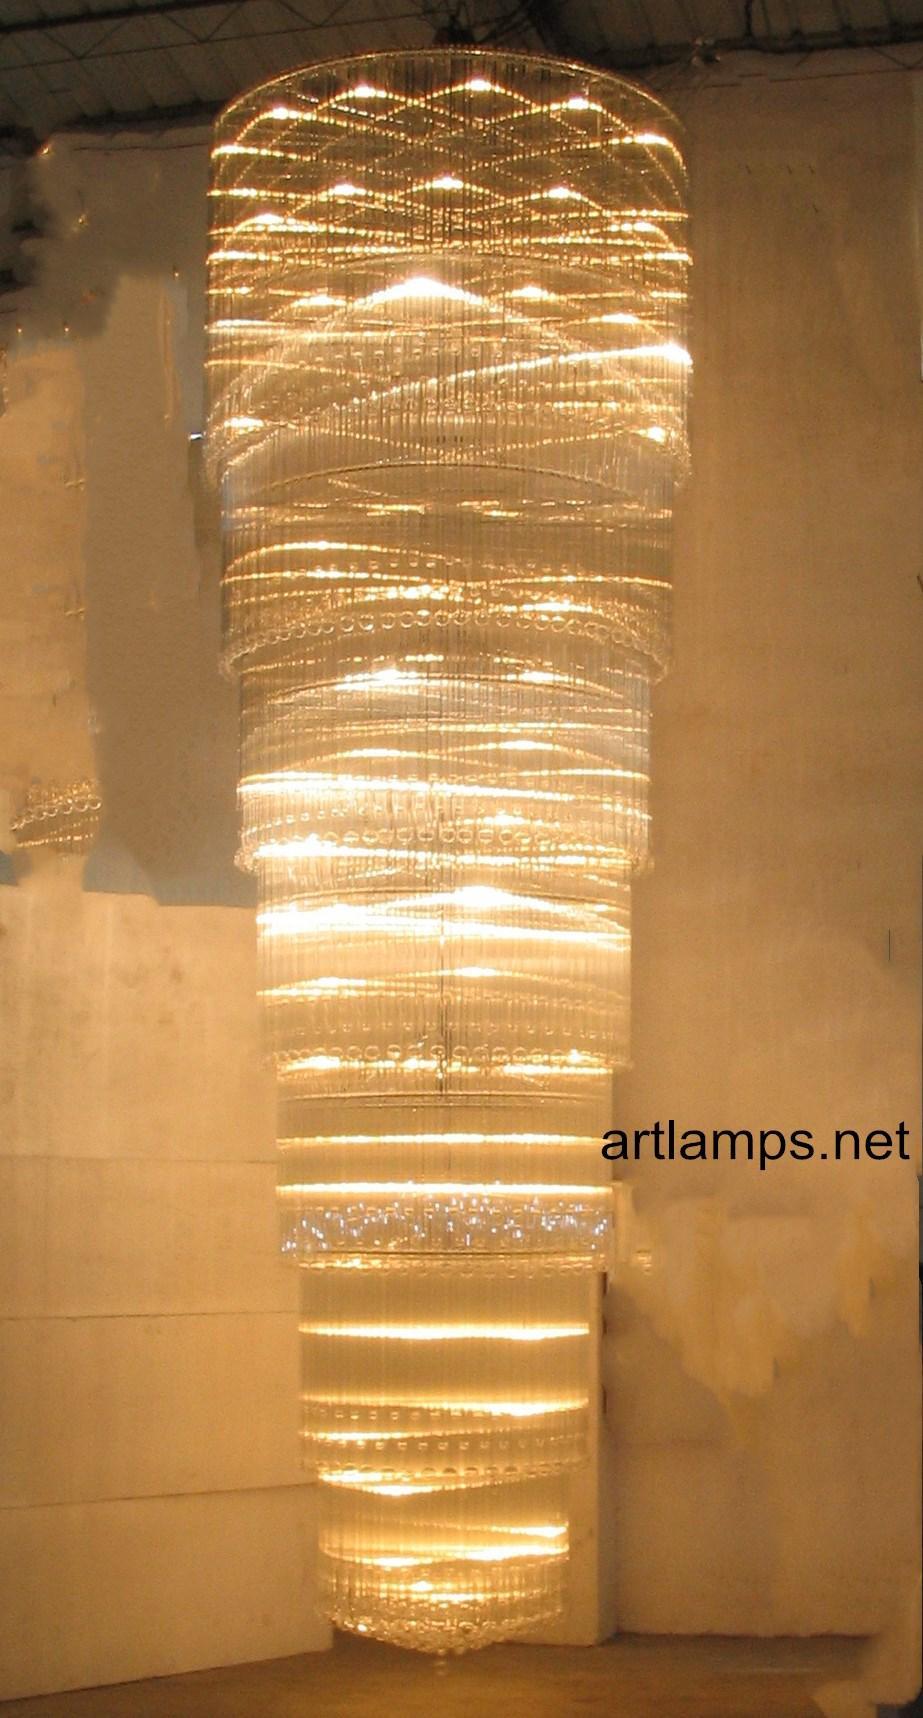 藝朮水晶玻璃吊燈手工玻璃吊燈酒店定製玻璃吊燈 1